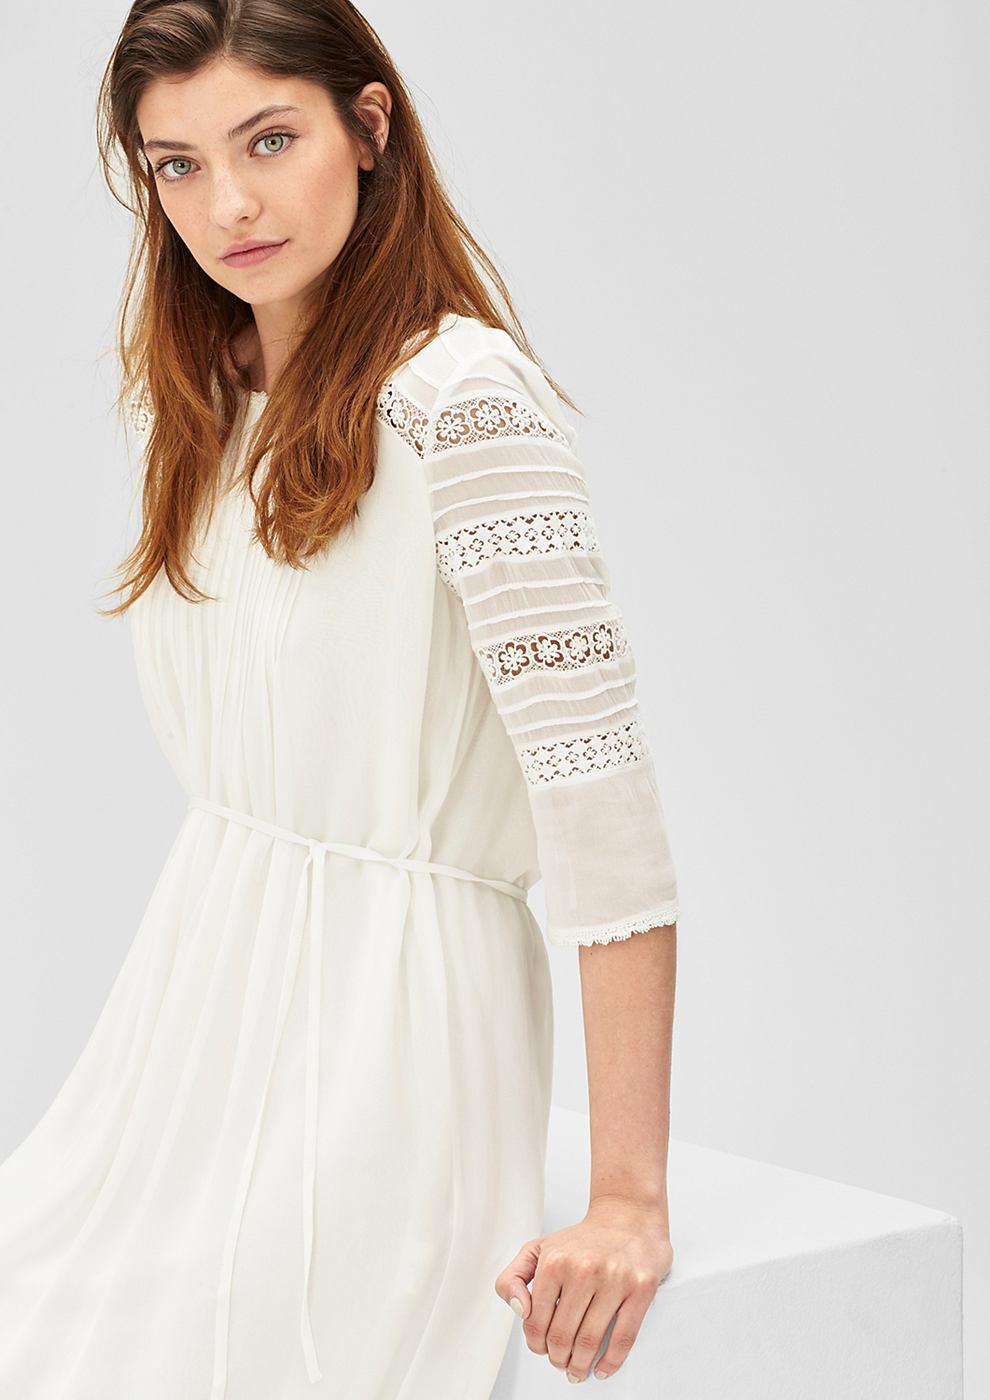 s.Oliver Crêpe jurk met kant wit